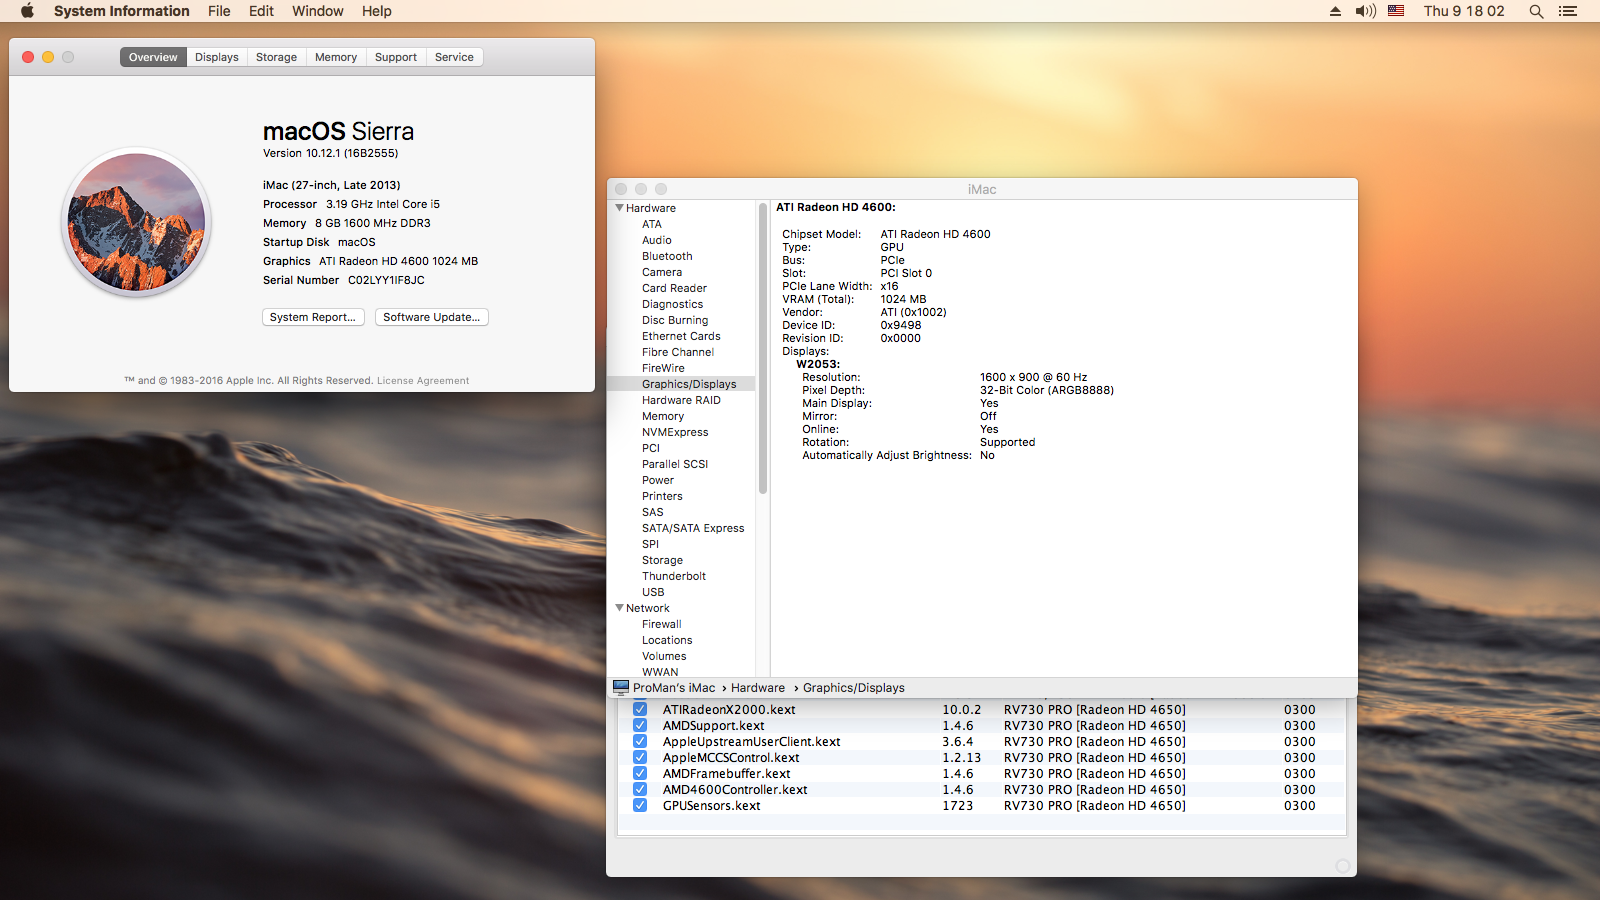 ATI Radeon HD 4650 for Sierra 10 12 1 (16B2555) - ATI